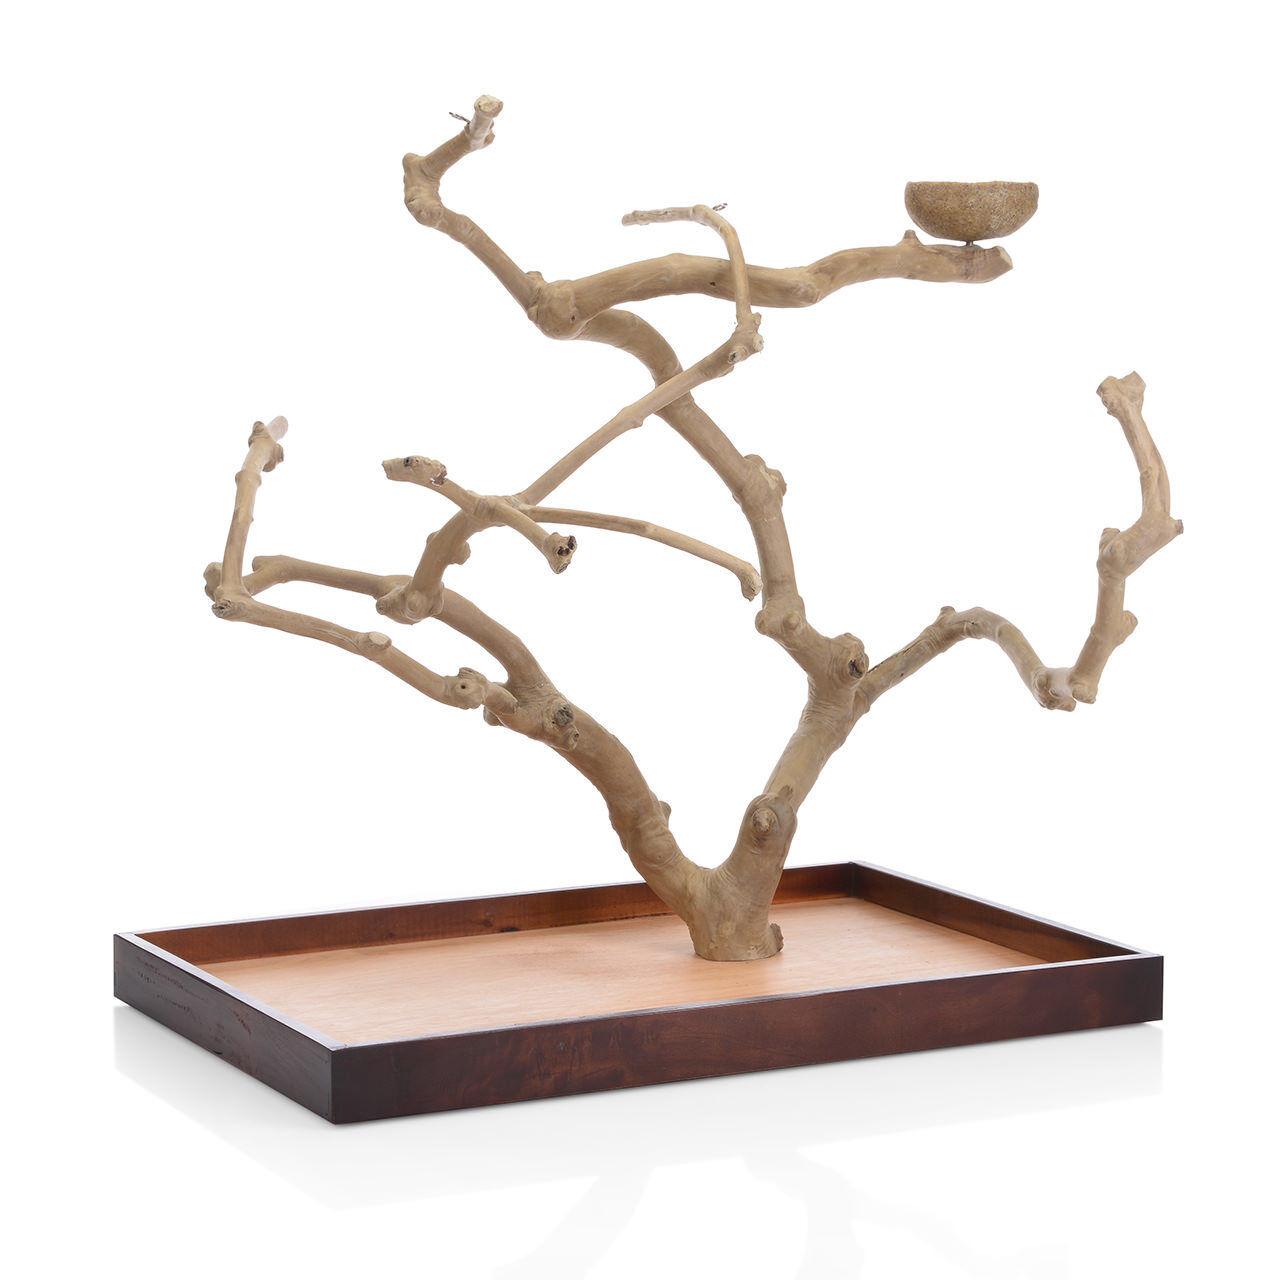 ultimi stili Java Java Java Tree Tavolo libero sede di caffè in legno per grandi pappagalli & PAPPAGALLI-LARGE  negozio all'ingrosso